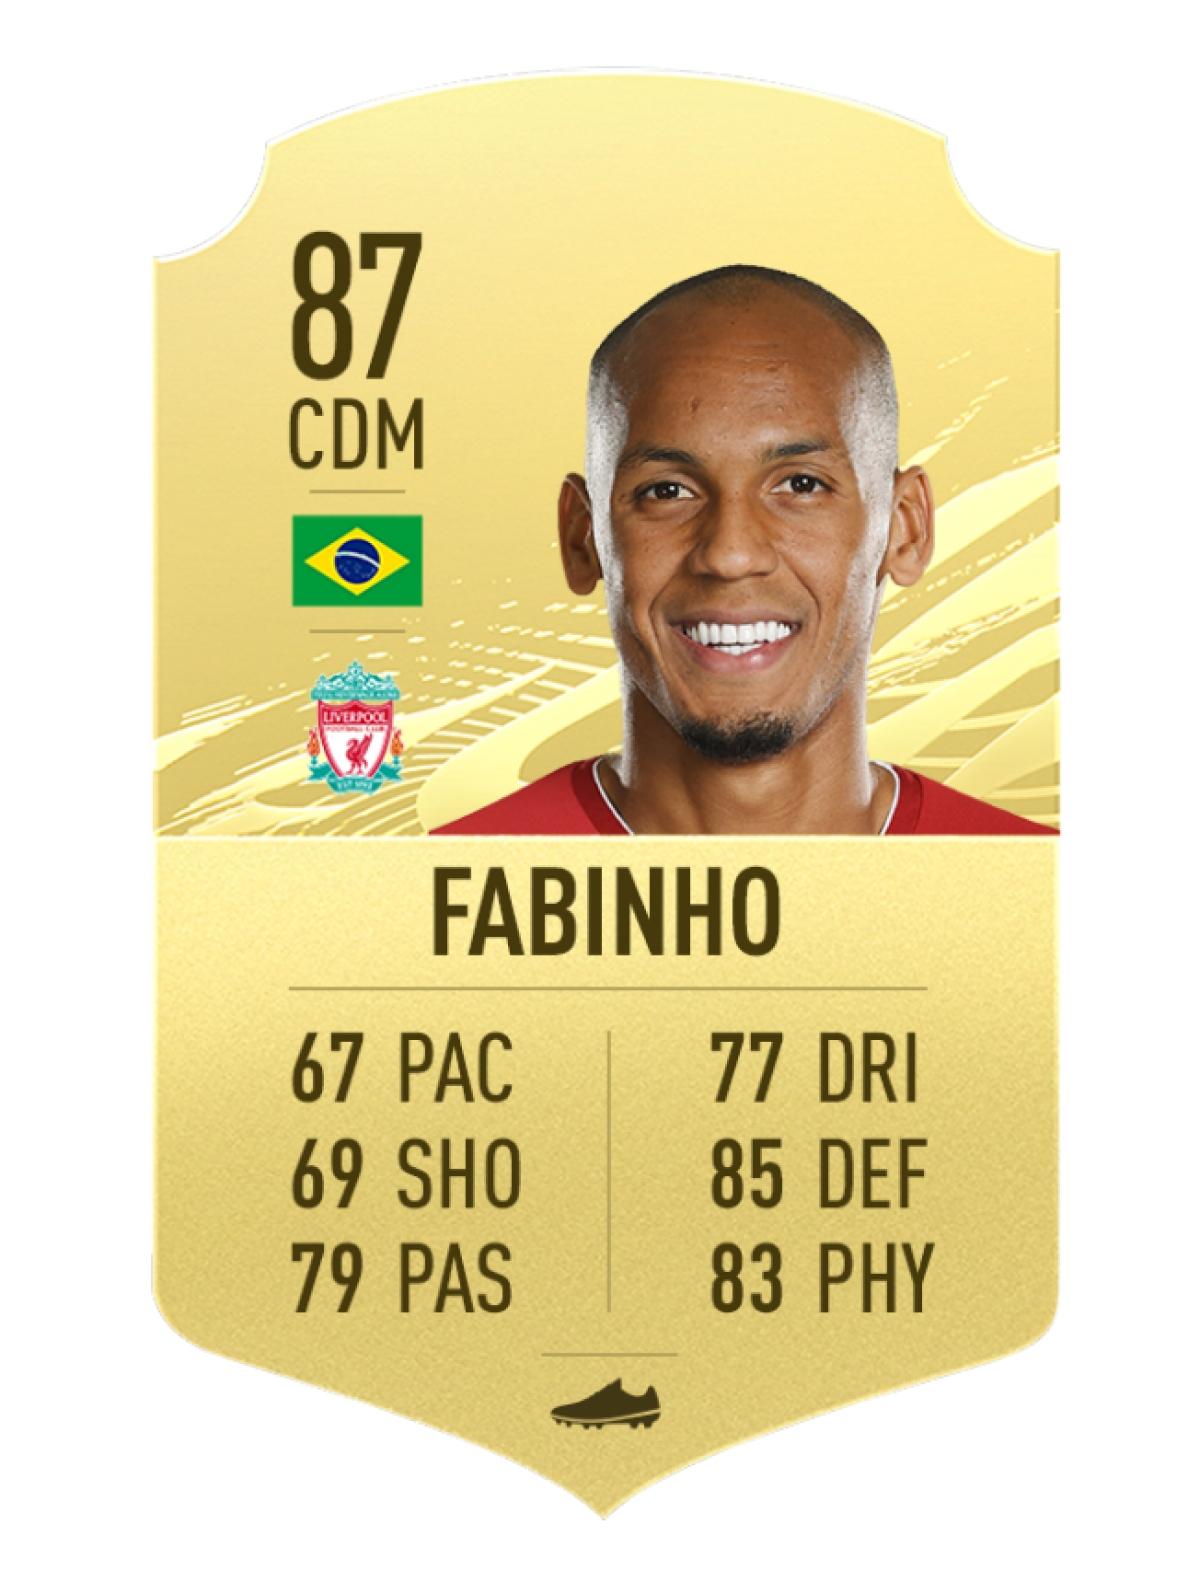 8. Fabinho - Liverpool | Chỉ số tổng 87